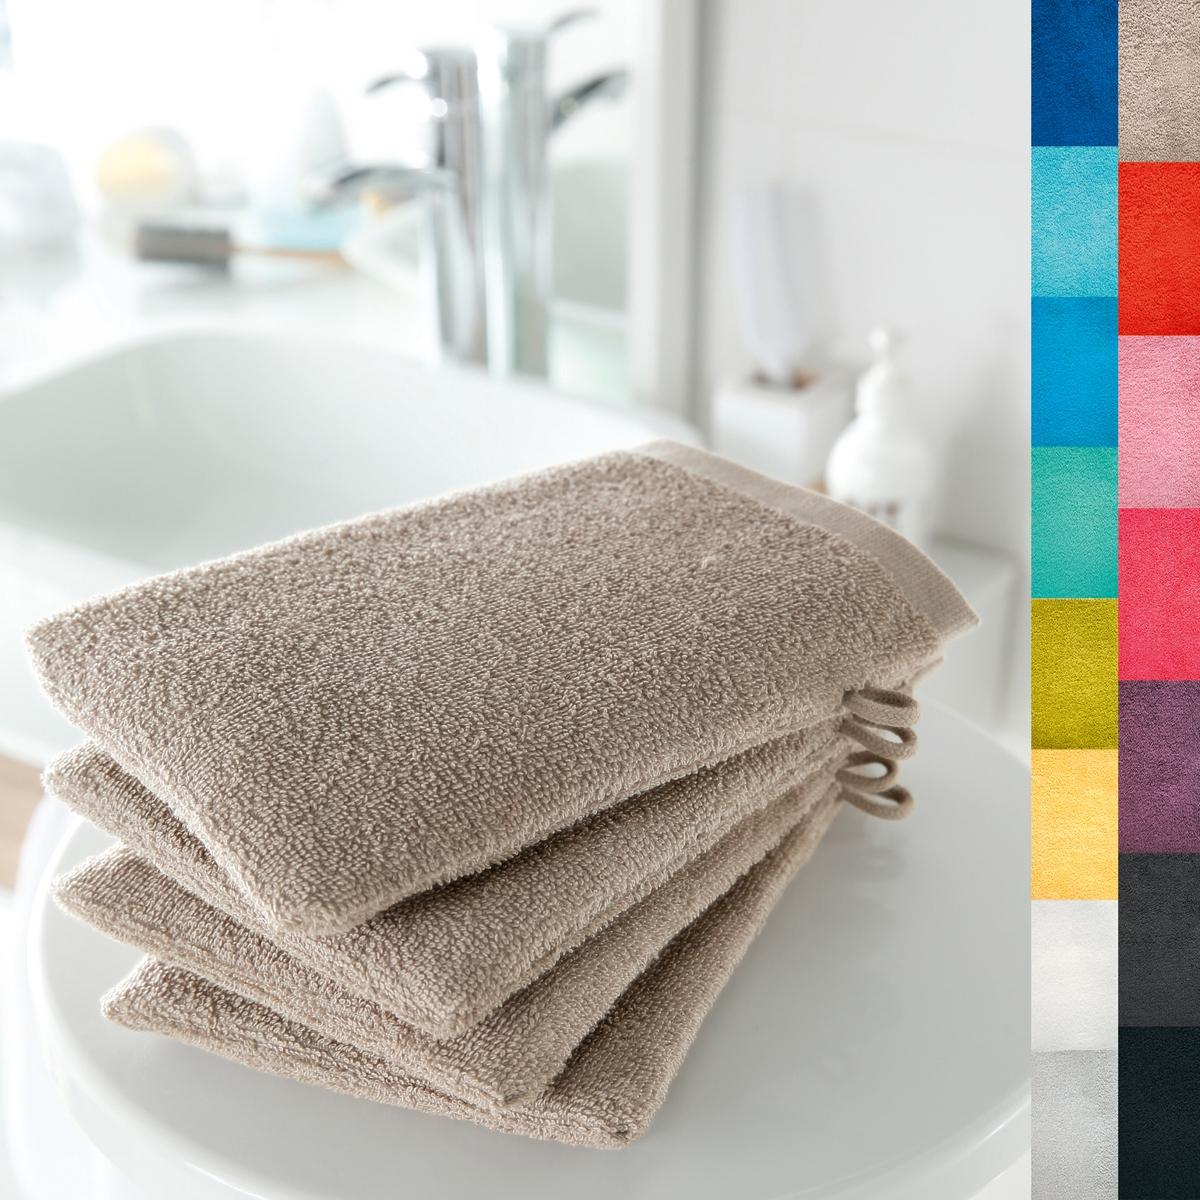 4 банные рукавички, 420 г/м?Мягкая и прочная ткань, 100% хлопка, 420 г/м?. Кайма крупинки. Отличные впитывающие свойства. Размер 15 х 21 см. Стирка при 60°. Превосходная стойкость цвета.  Машинная сушка. В комплекте 4 рукавички.<br><br>Цвет: темно-серо-каштановый светлый